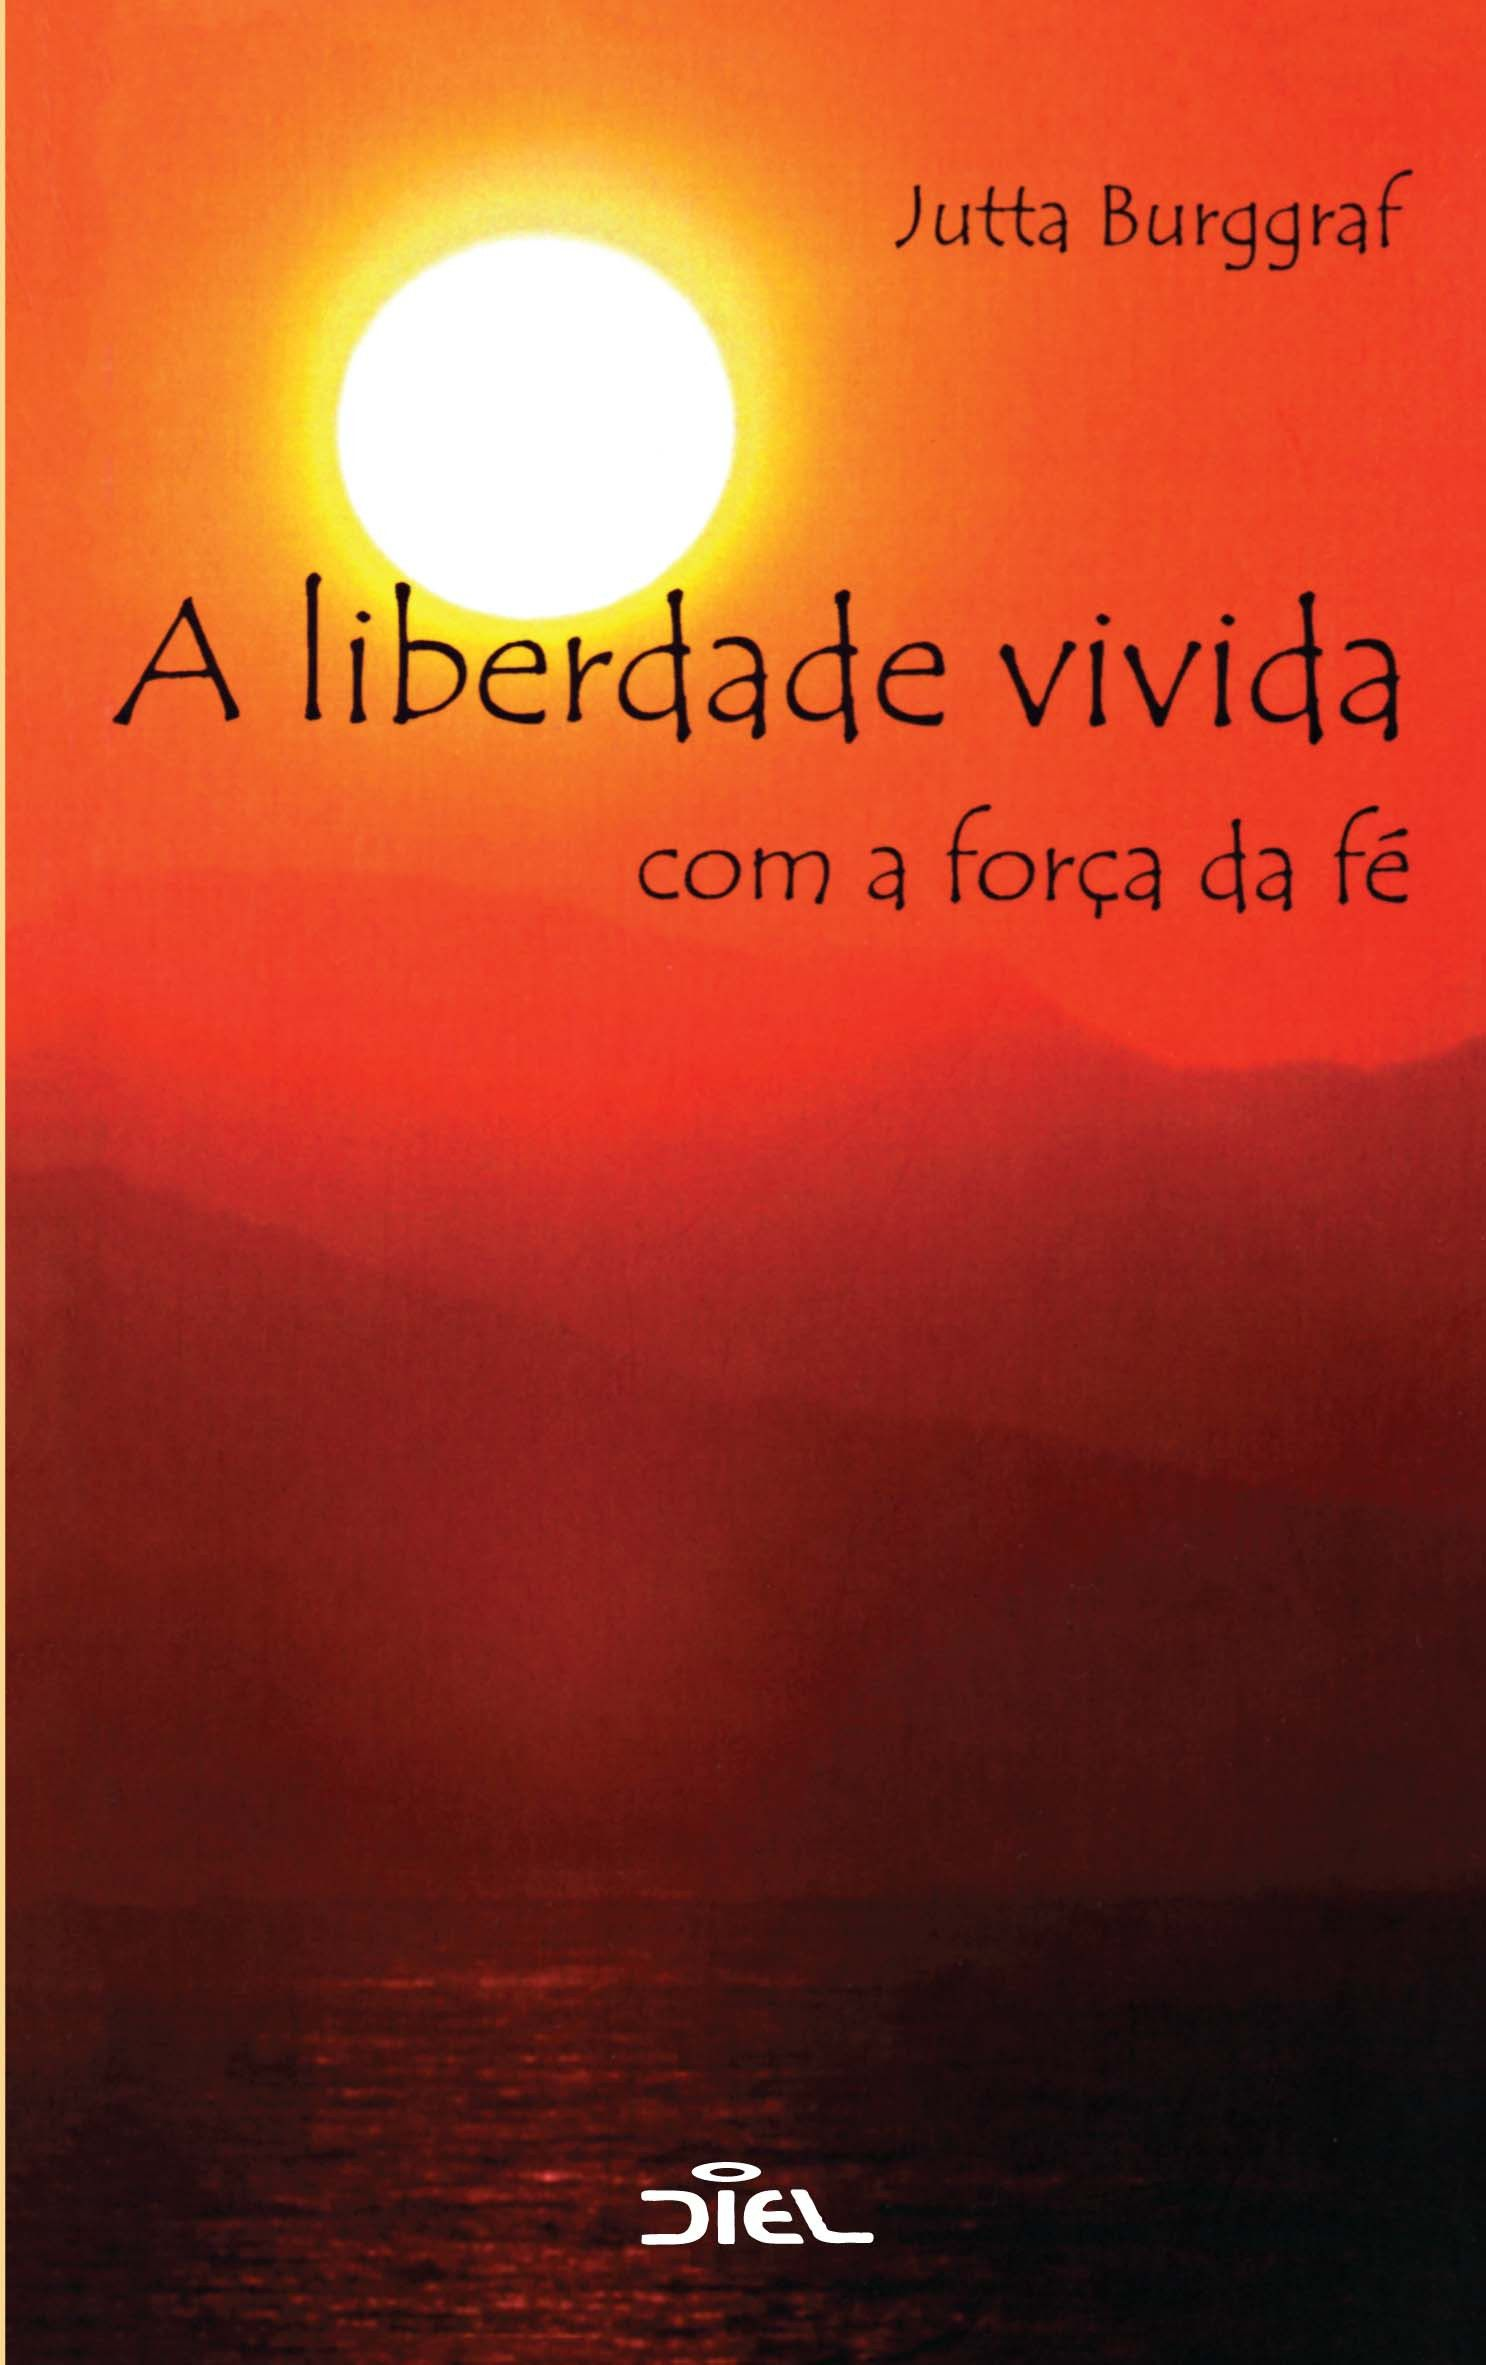 Liberdade vivida com a força da fé, A